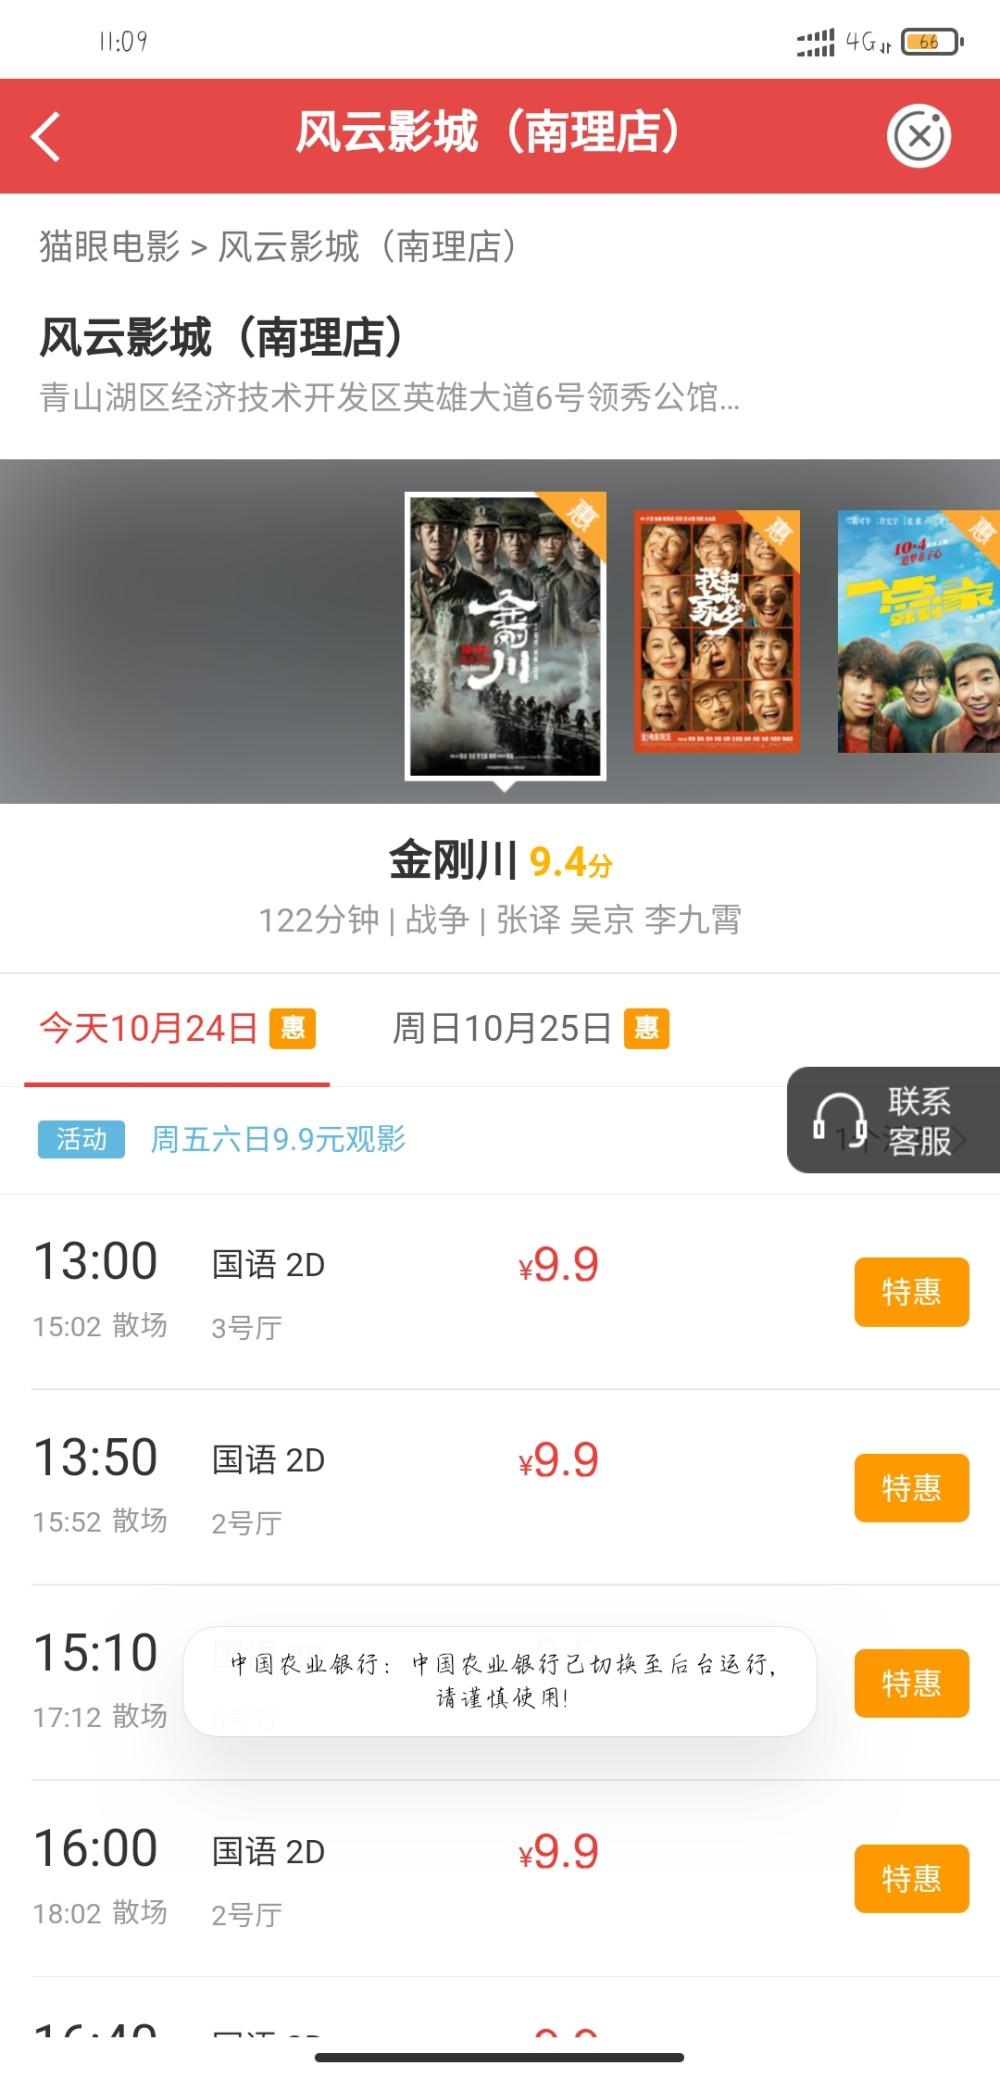 图片[3]-农行电影票9.9无限买-飞享资源网